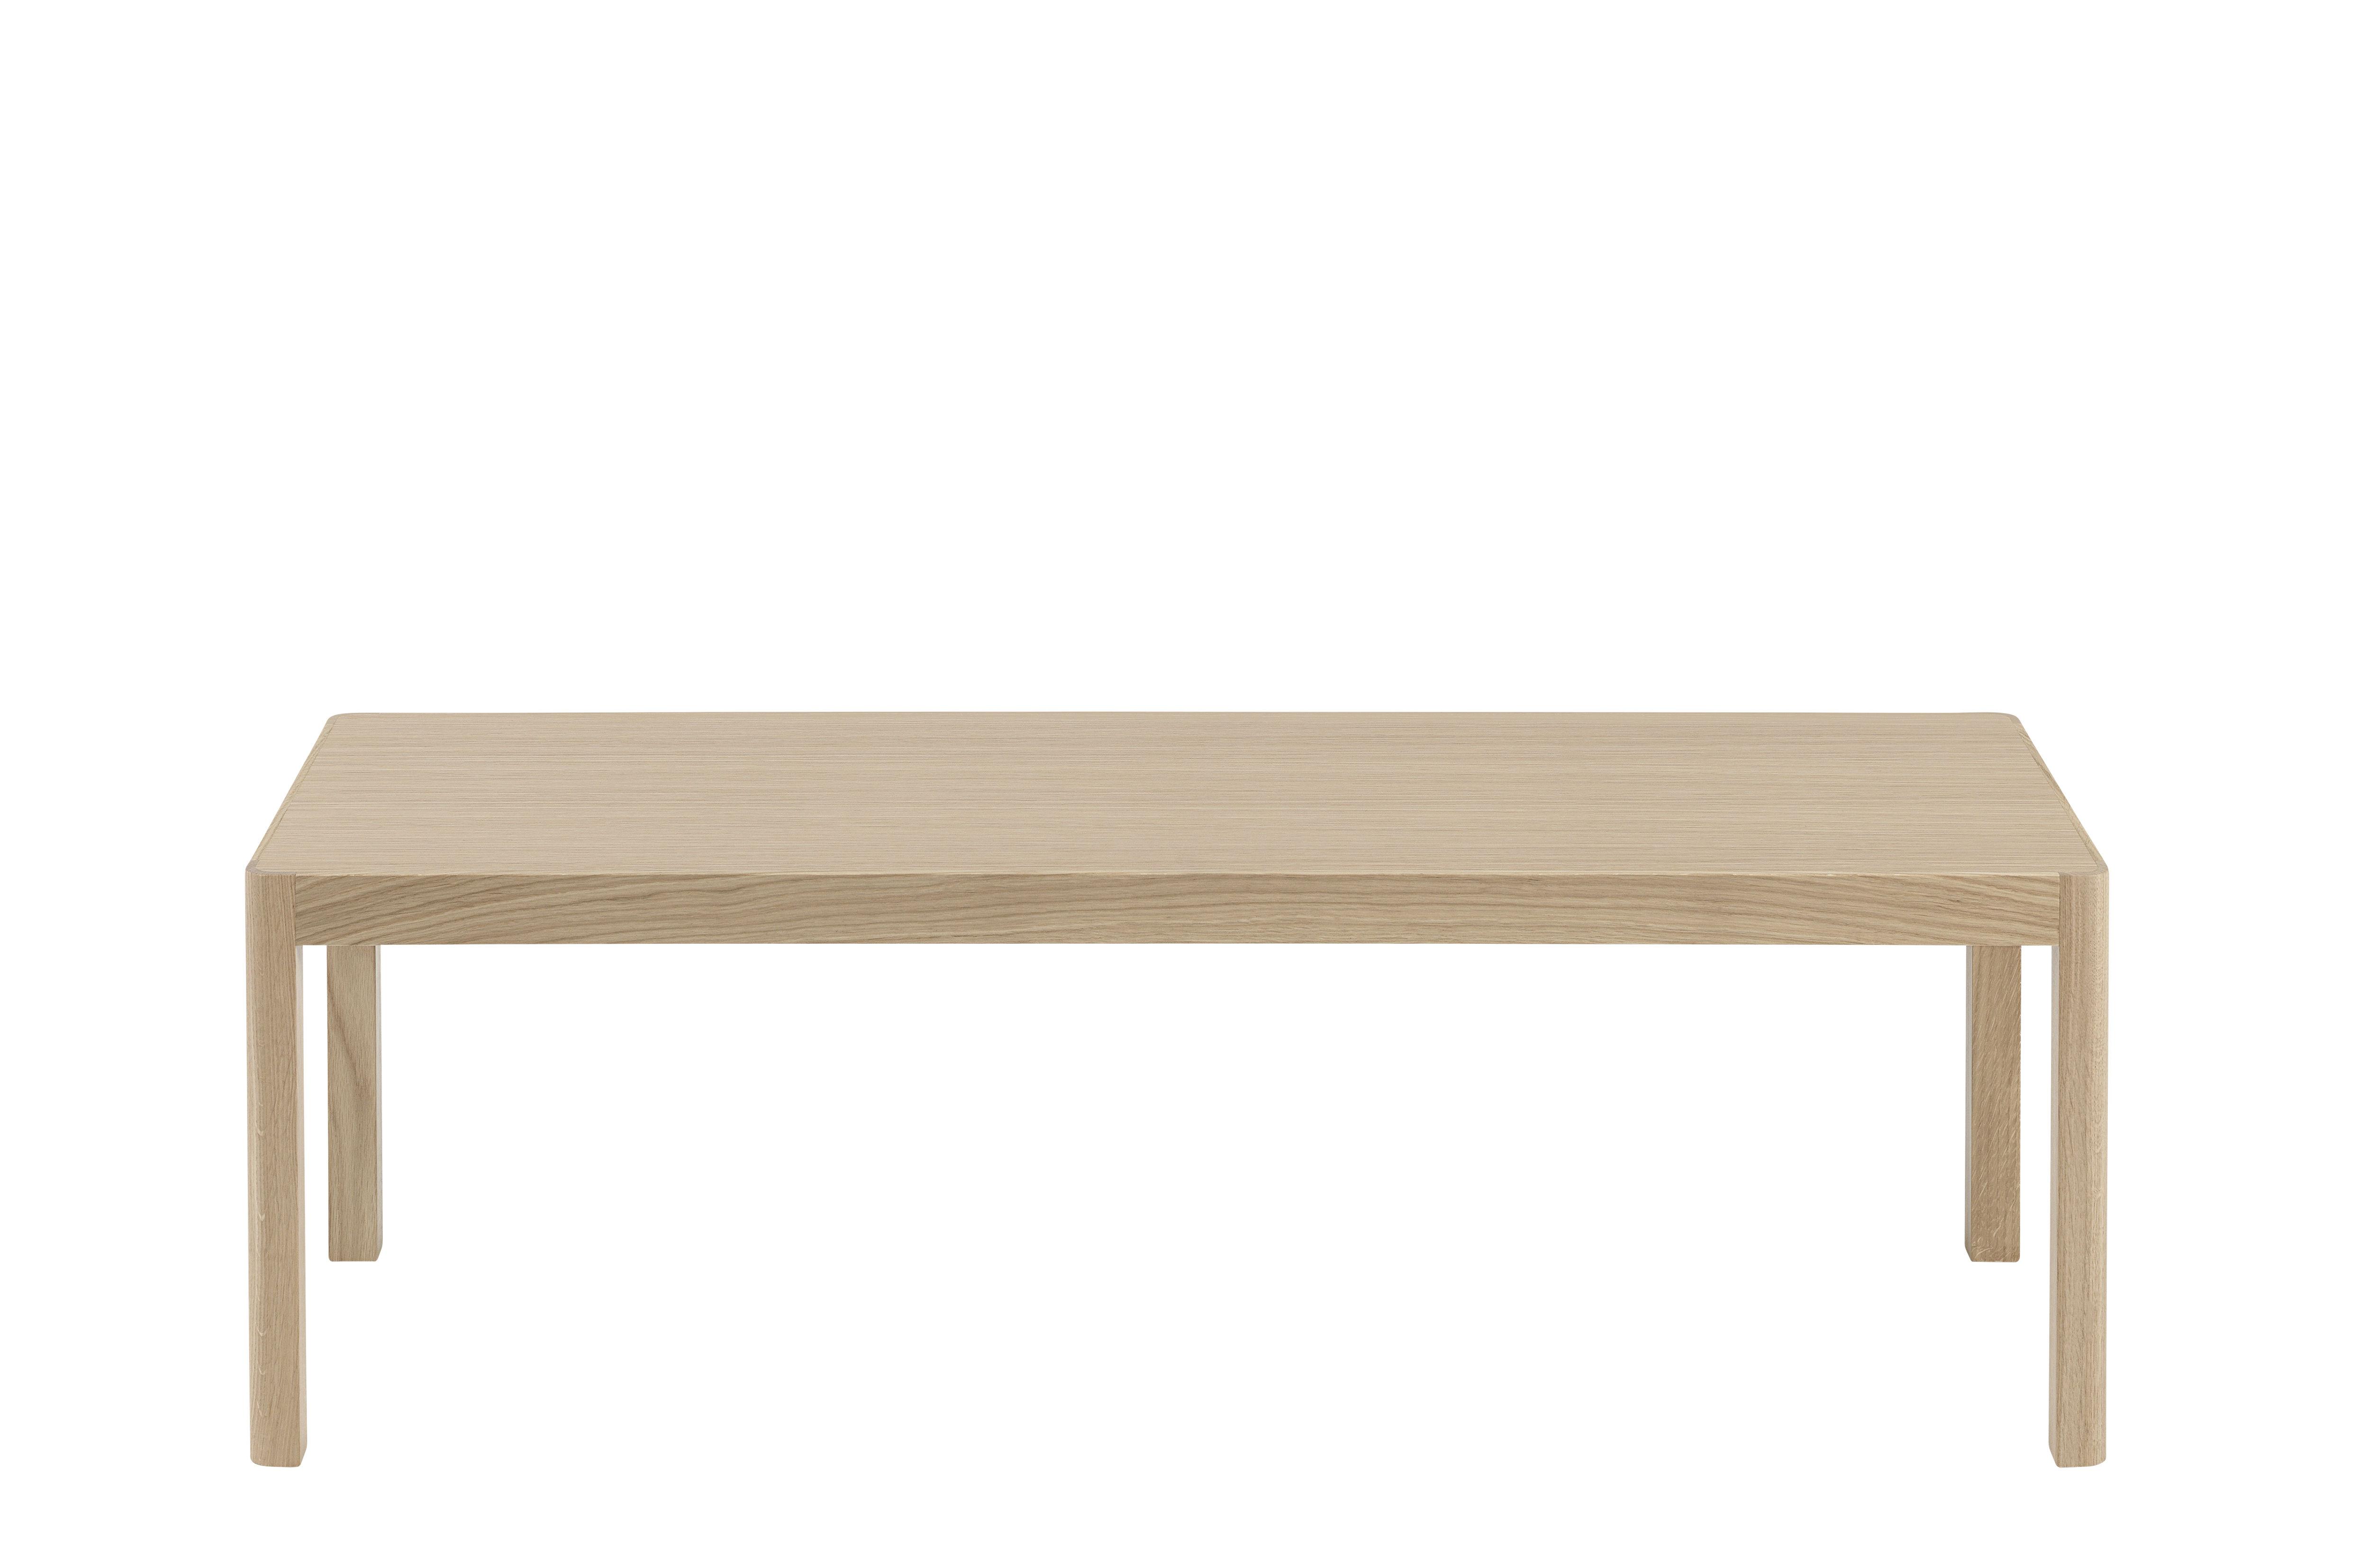 Möbel - Couchtische - Workshop Couchtisch / Holz - Muuto - Eiche natur - Eiche, hell